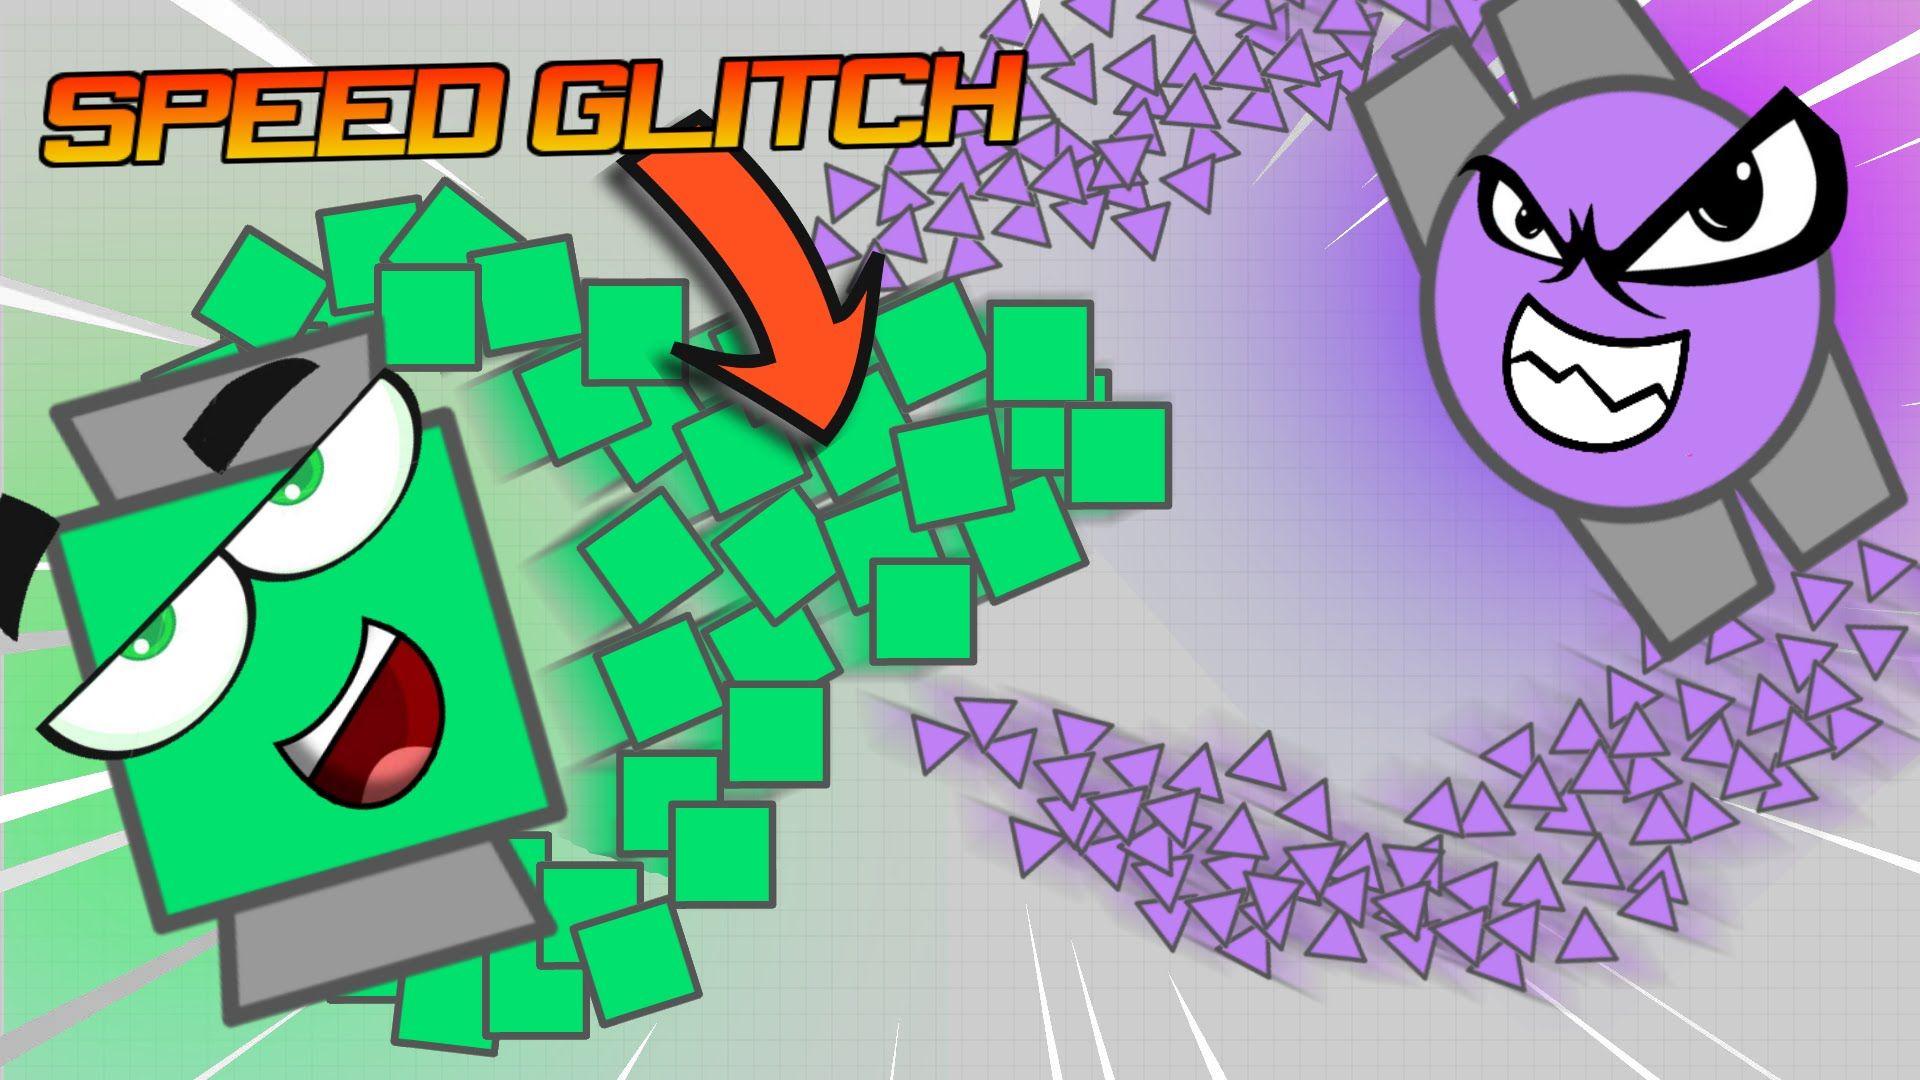 FASTEST DRONE SPEED GLITCH!! Diep.io Super Fast